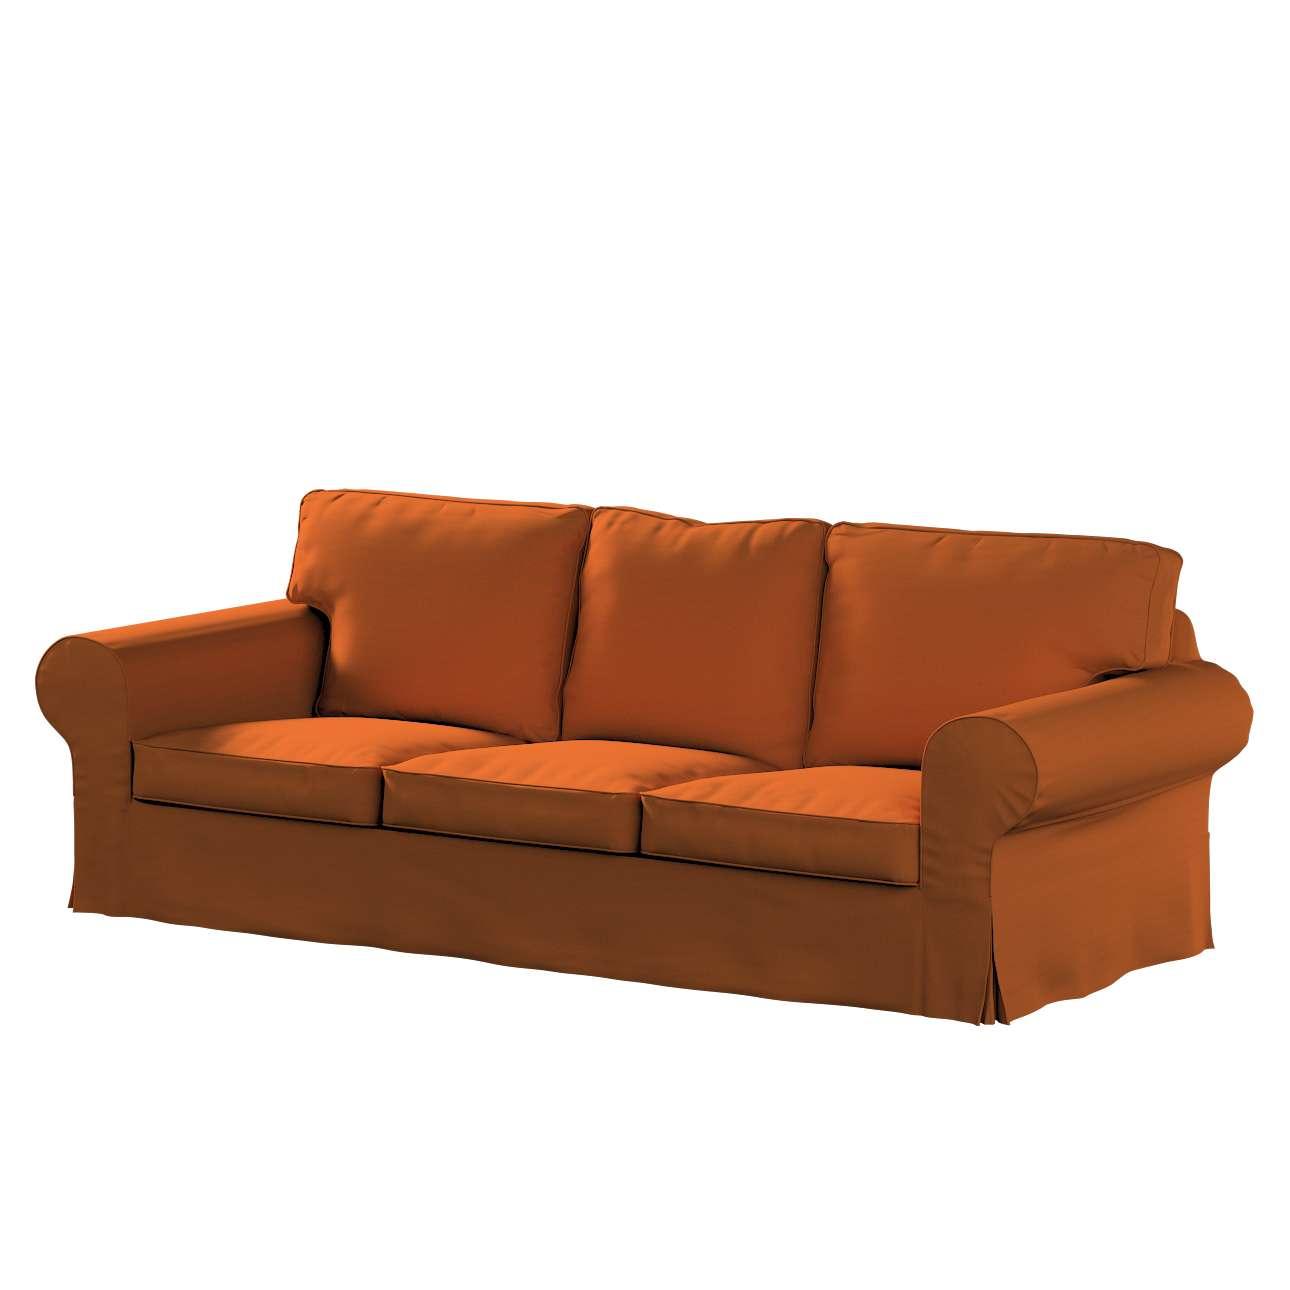 Bezug für Ektorp 3-Sitzer Sofa nicht ausklappbar von der Kollektion Cotton Panama, Stoff: 702-42